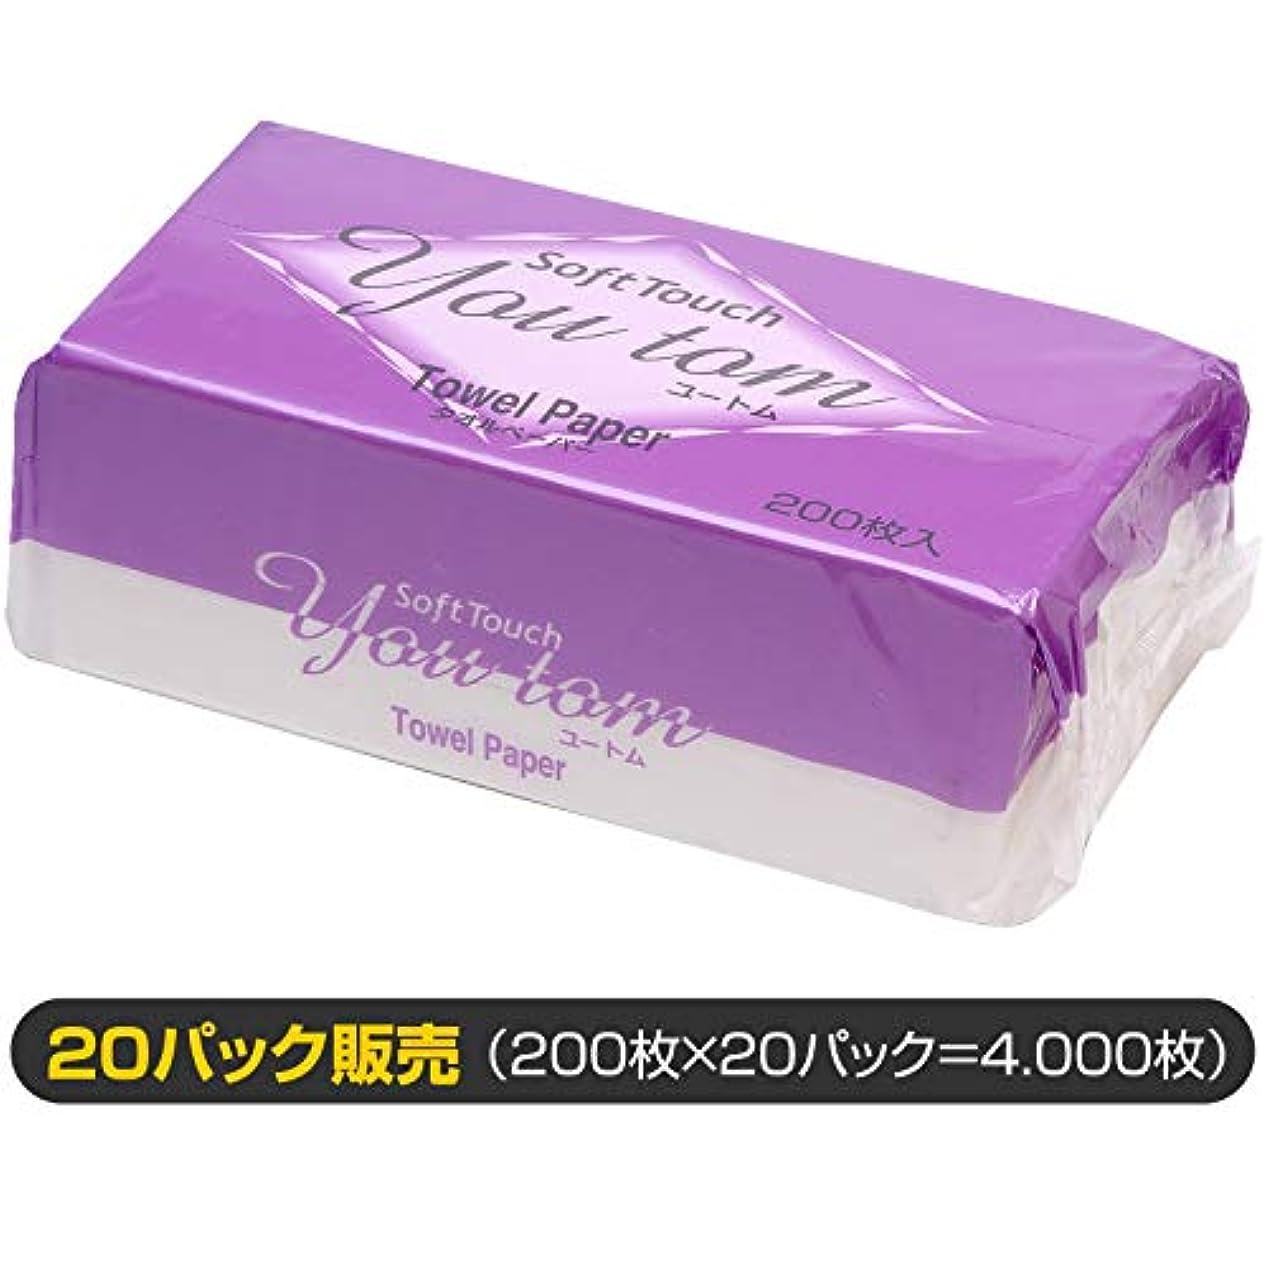 娘モデレータレバーペーパータオル ユートム/20パック販売(清潔キレイ館/レギュラーサイズ用)